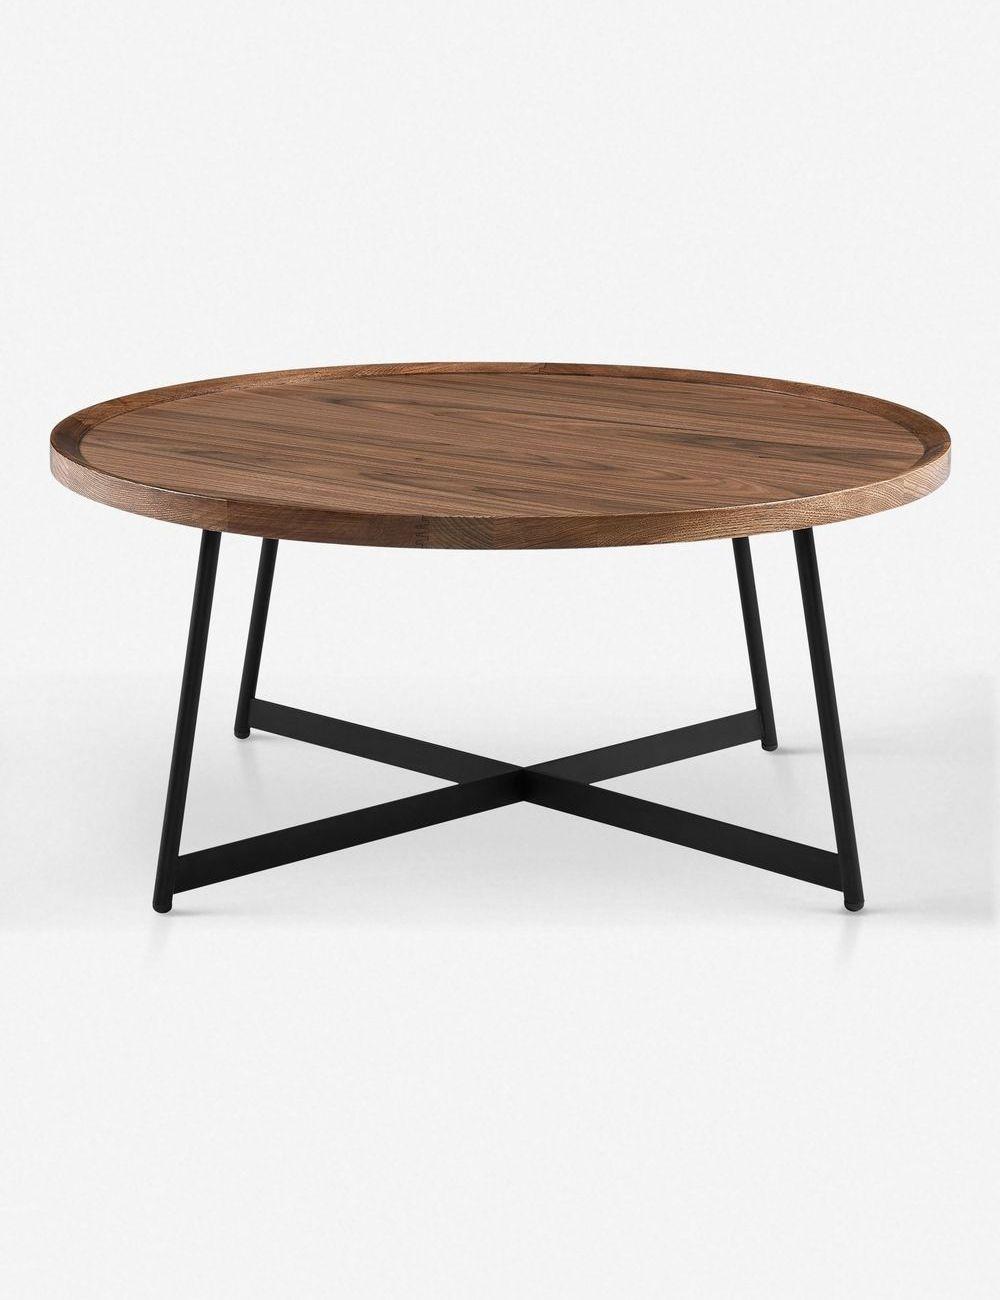 Gweneth Round Coffee Table Walnut In 2021 Coffee Table Plywood Coffee Table Round Walnut Coffee Table [ jpg ]